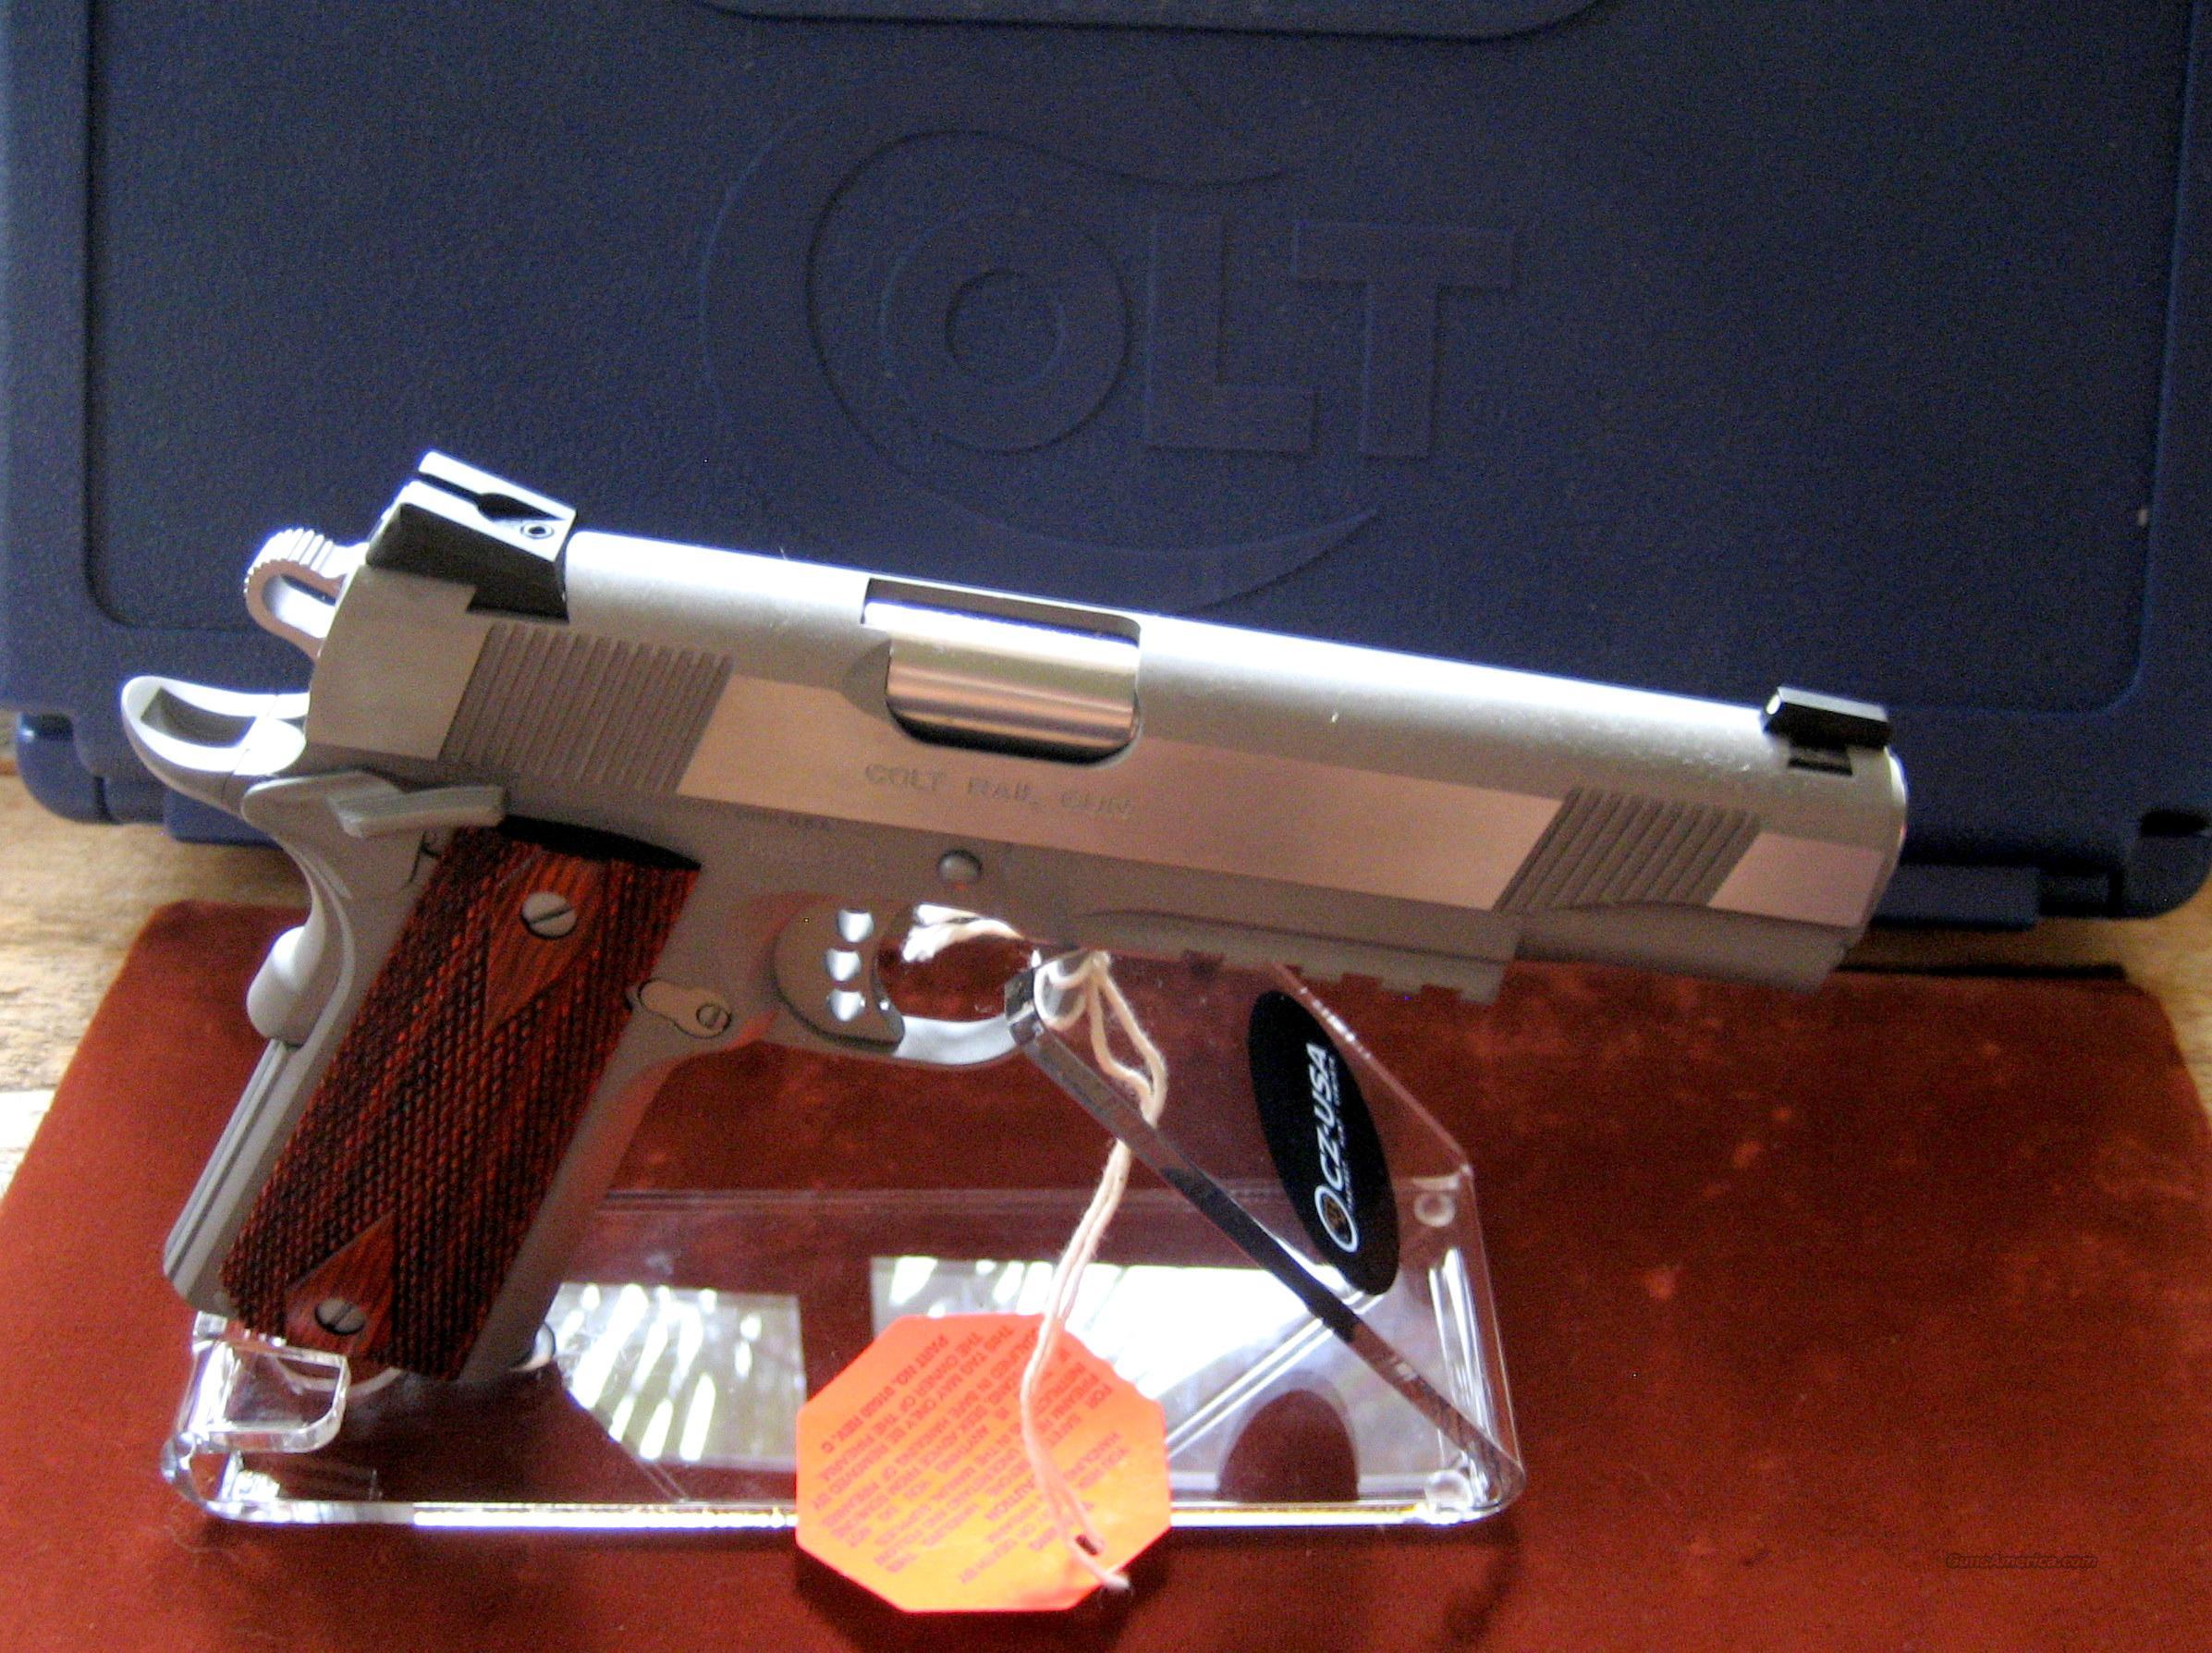 COLT S/S RAIL GUN MODEL # O1070RG  Guns > Pistols > Colt Automatic Pistols (1911 & Var)